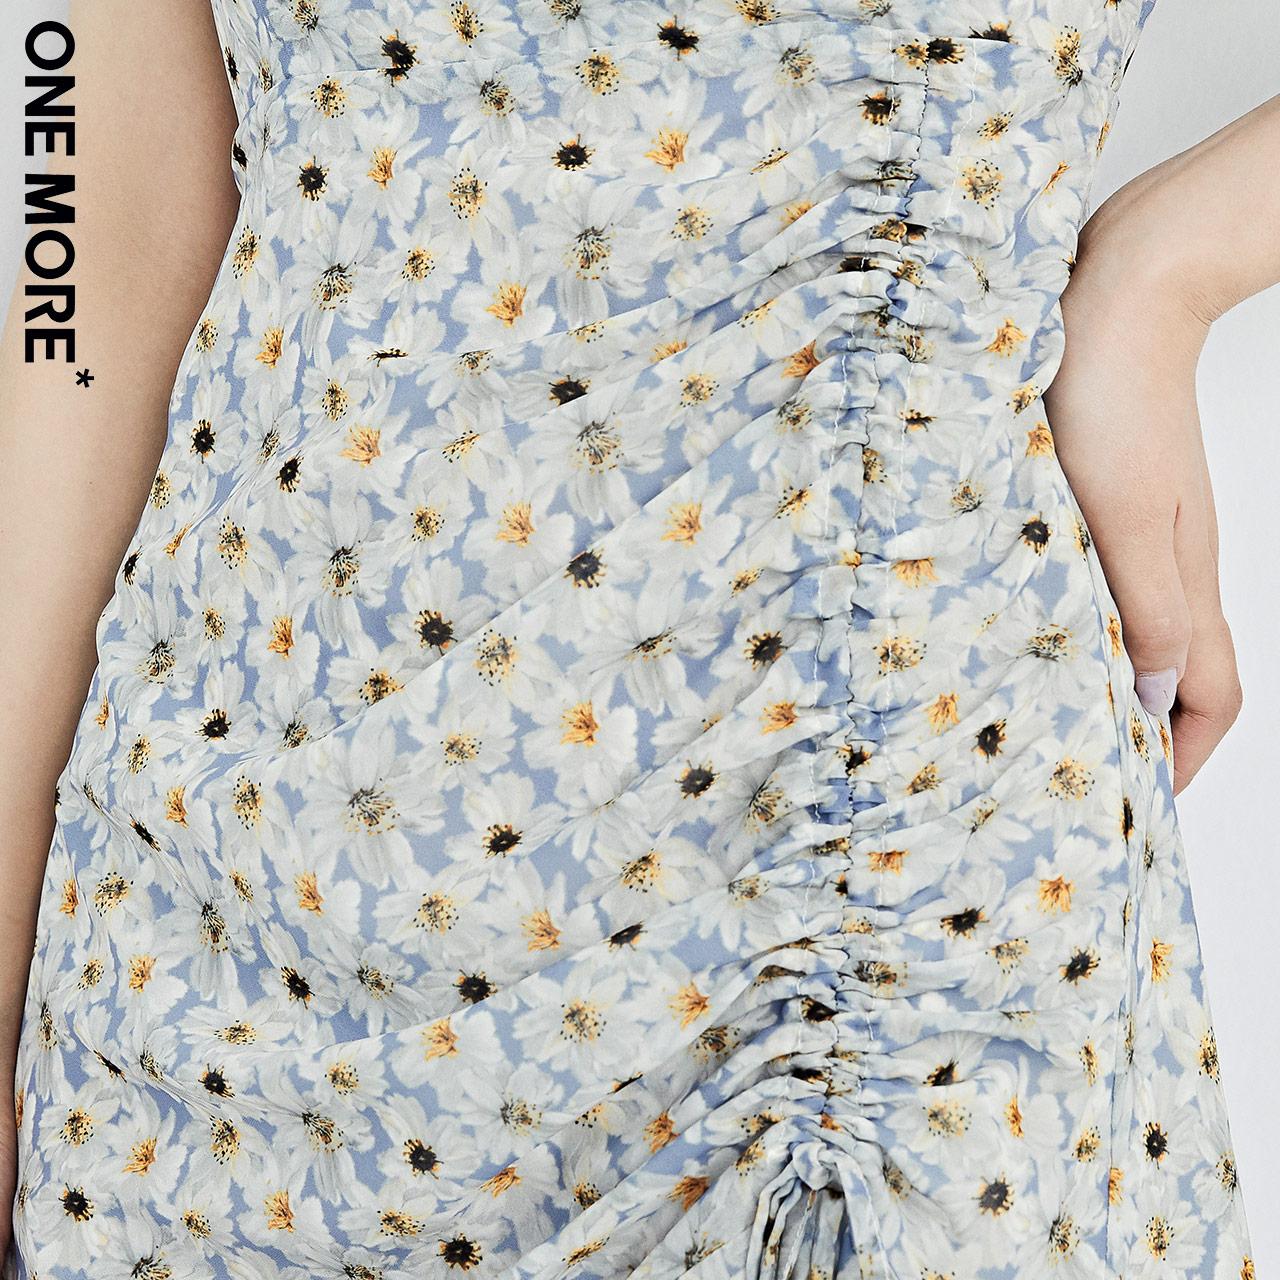 领收腰显瘦连衣裙碎花气质抽皱裙子女 夏季新款小碎花  ONEMORE2020 V